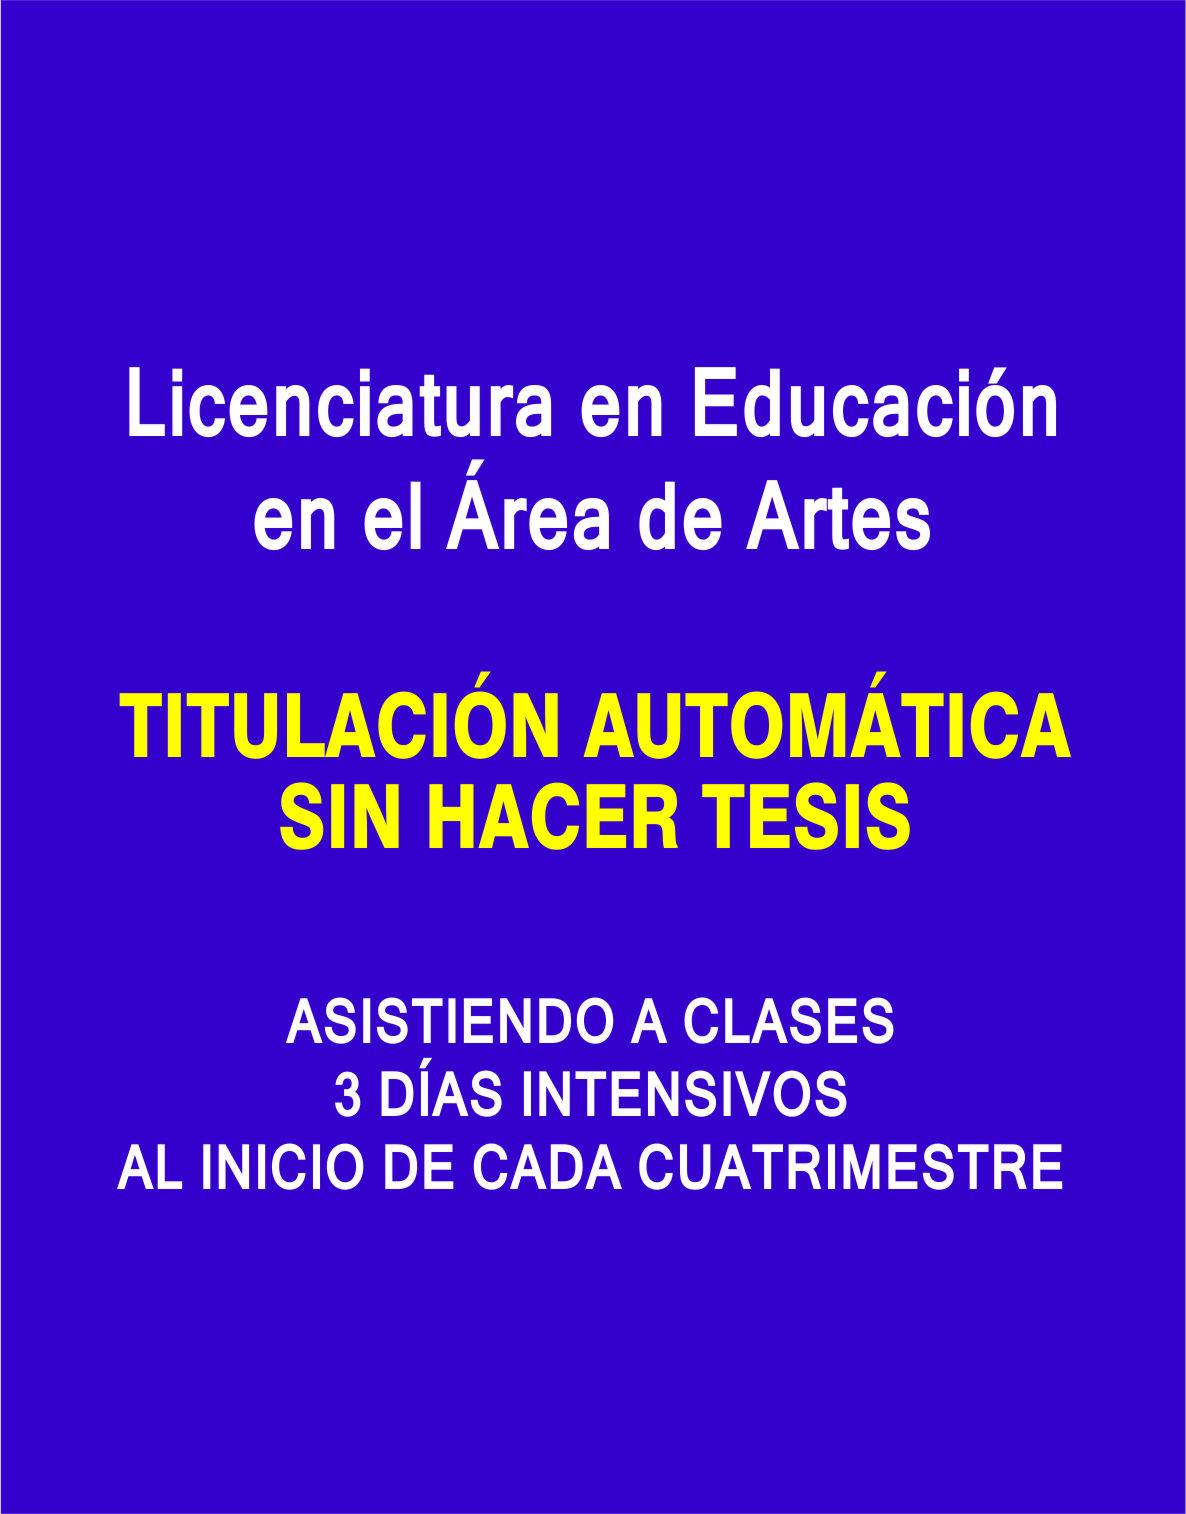 RVOE oficial: Licenciatura en Educación en el Área de Artes